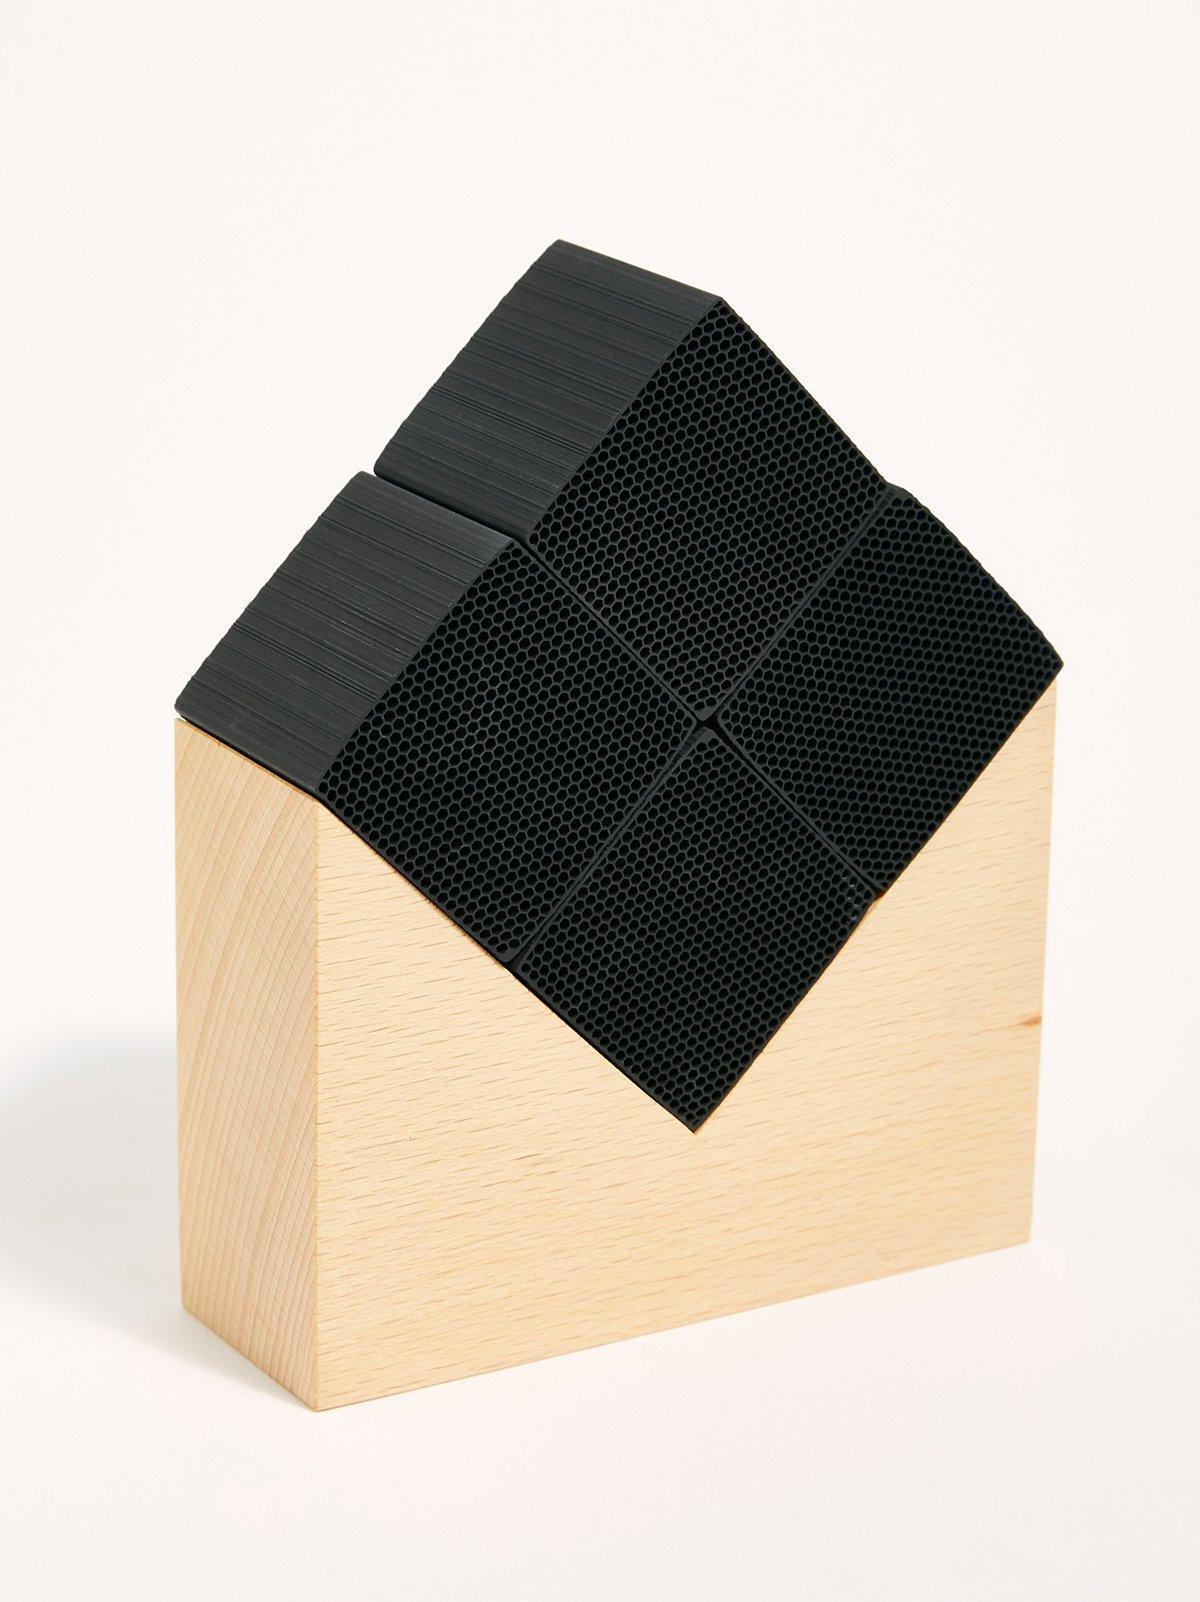 Chikuno Cube House Natural Air Purifier